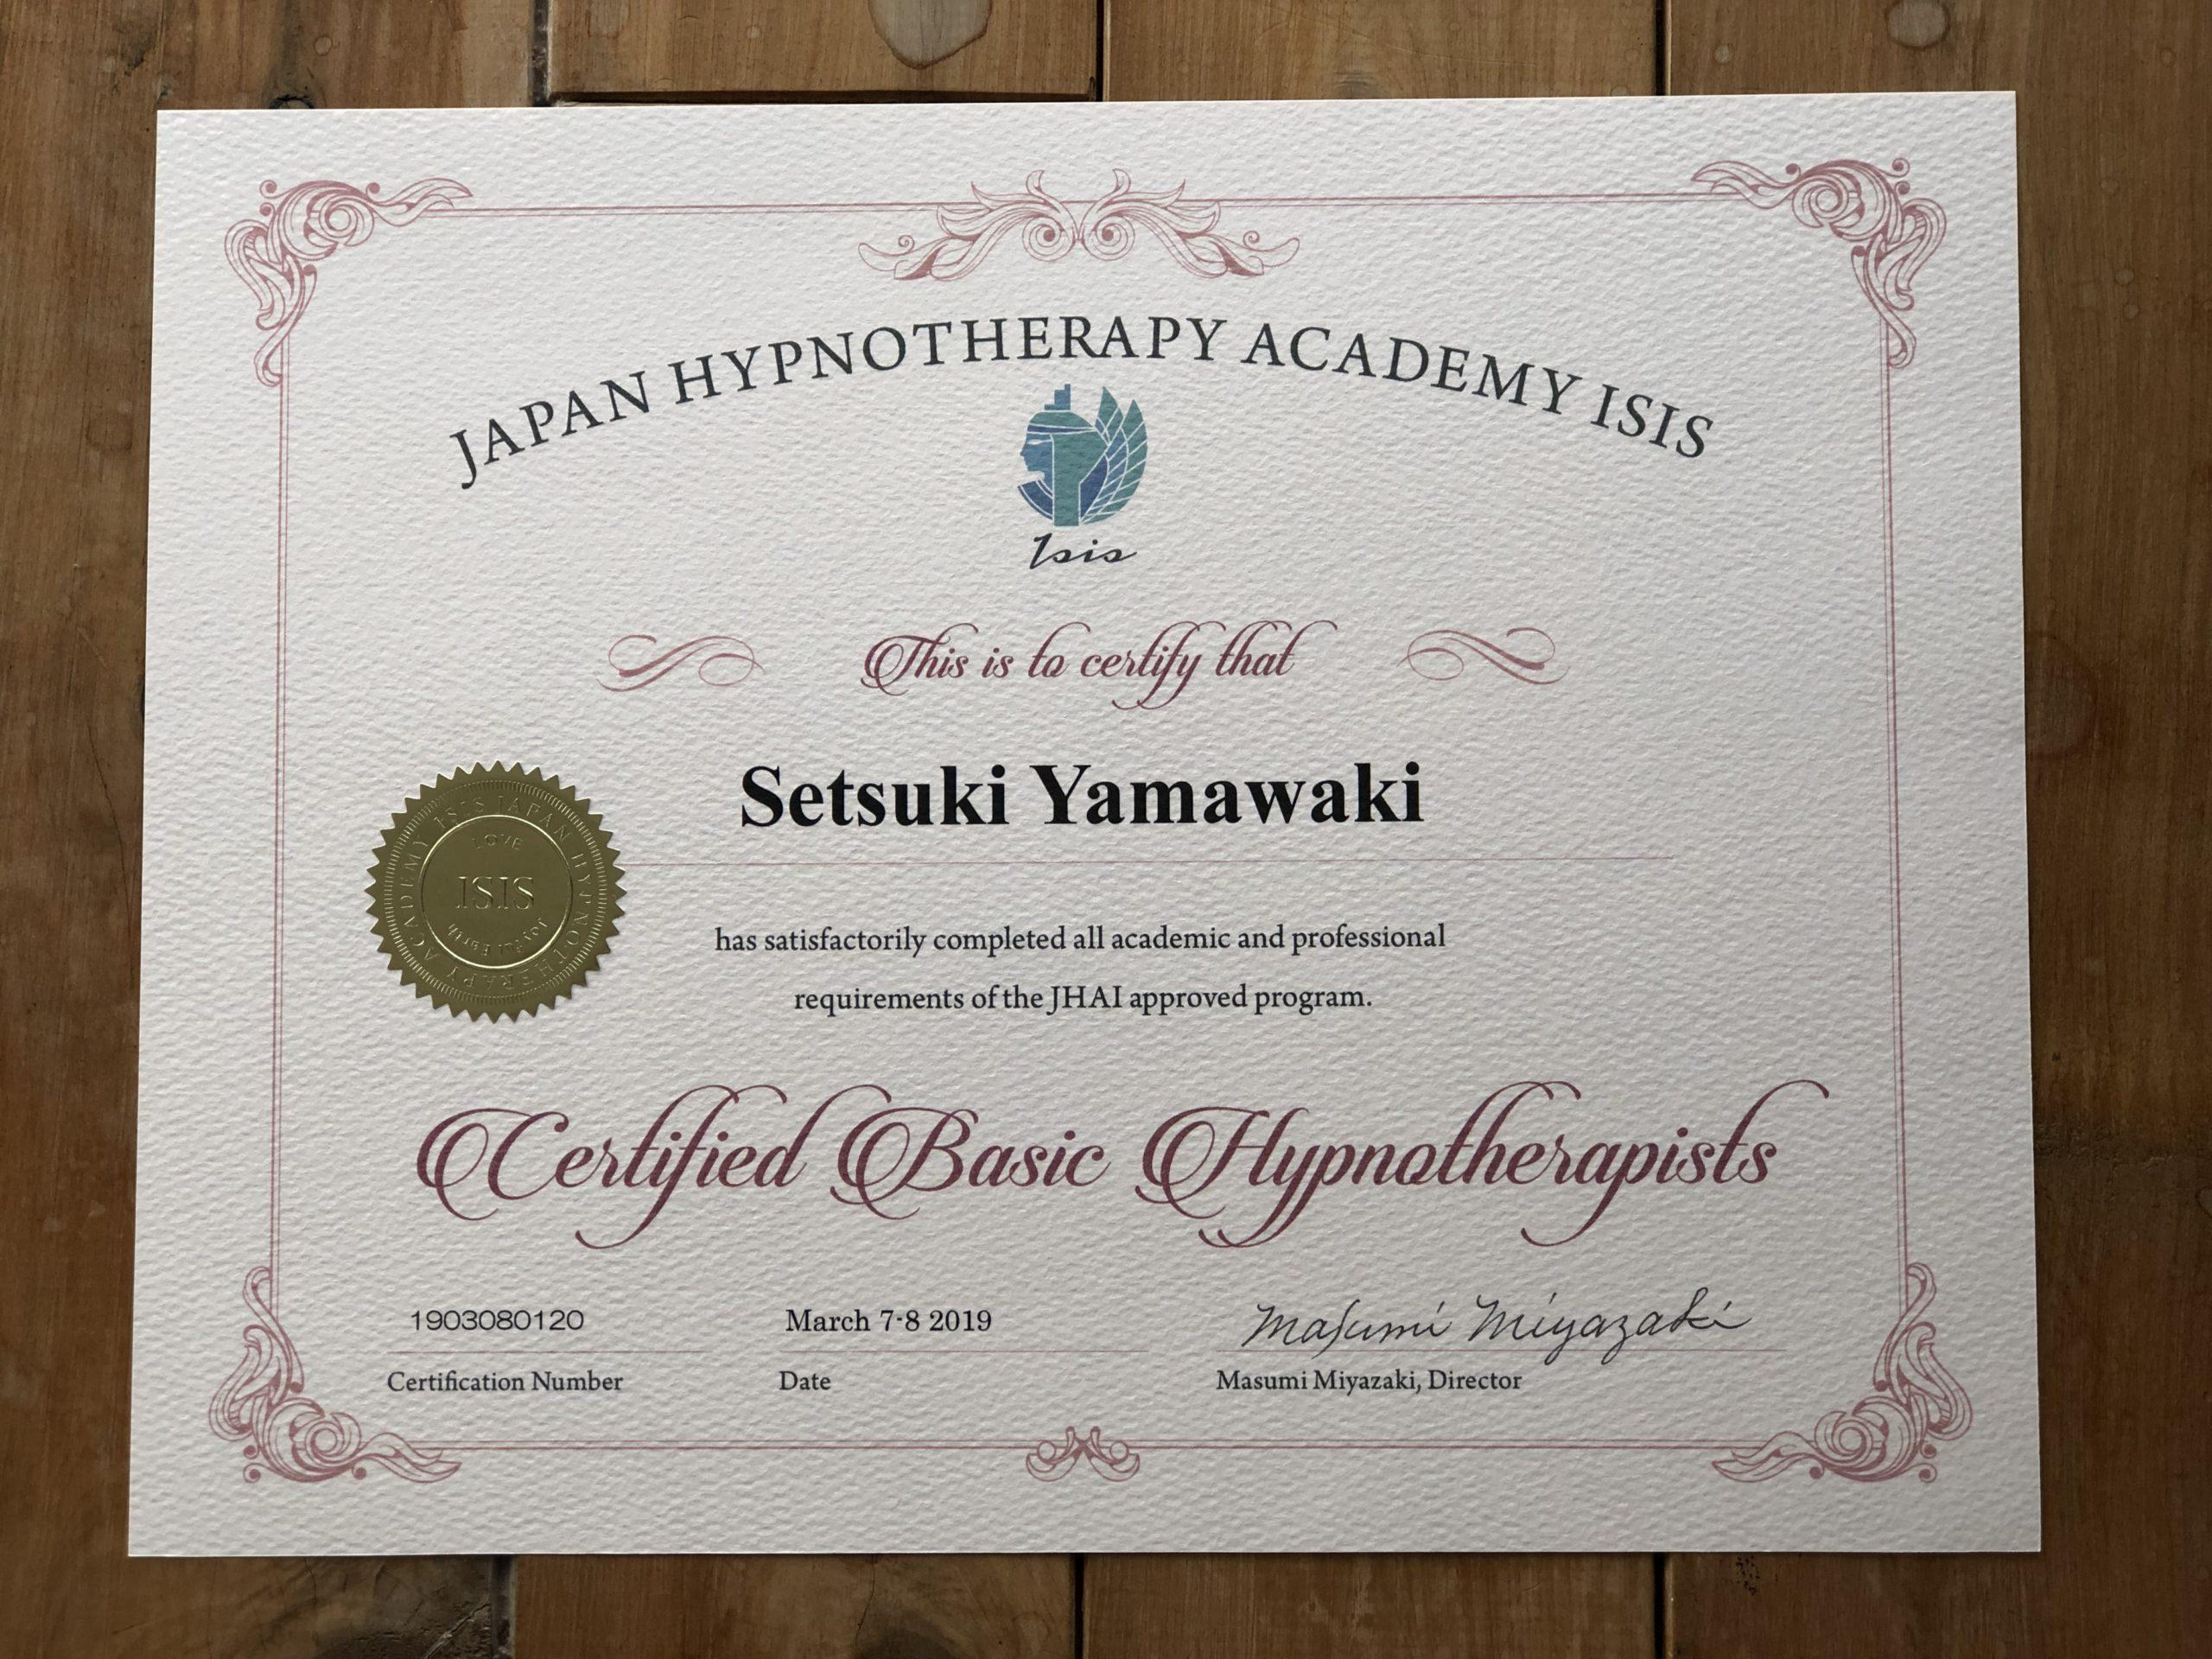 ヒプノセラピー基礎講座修了